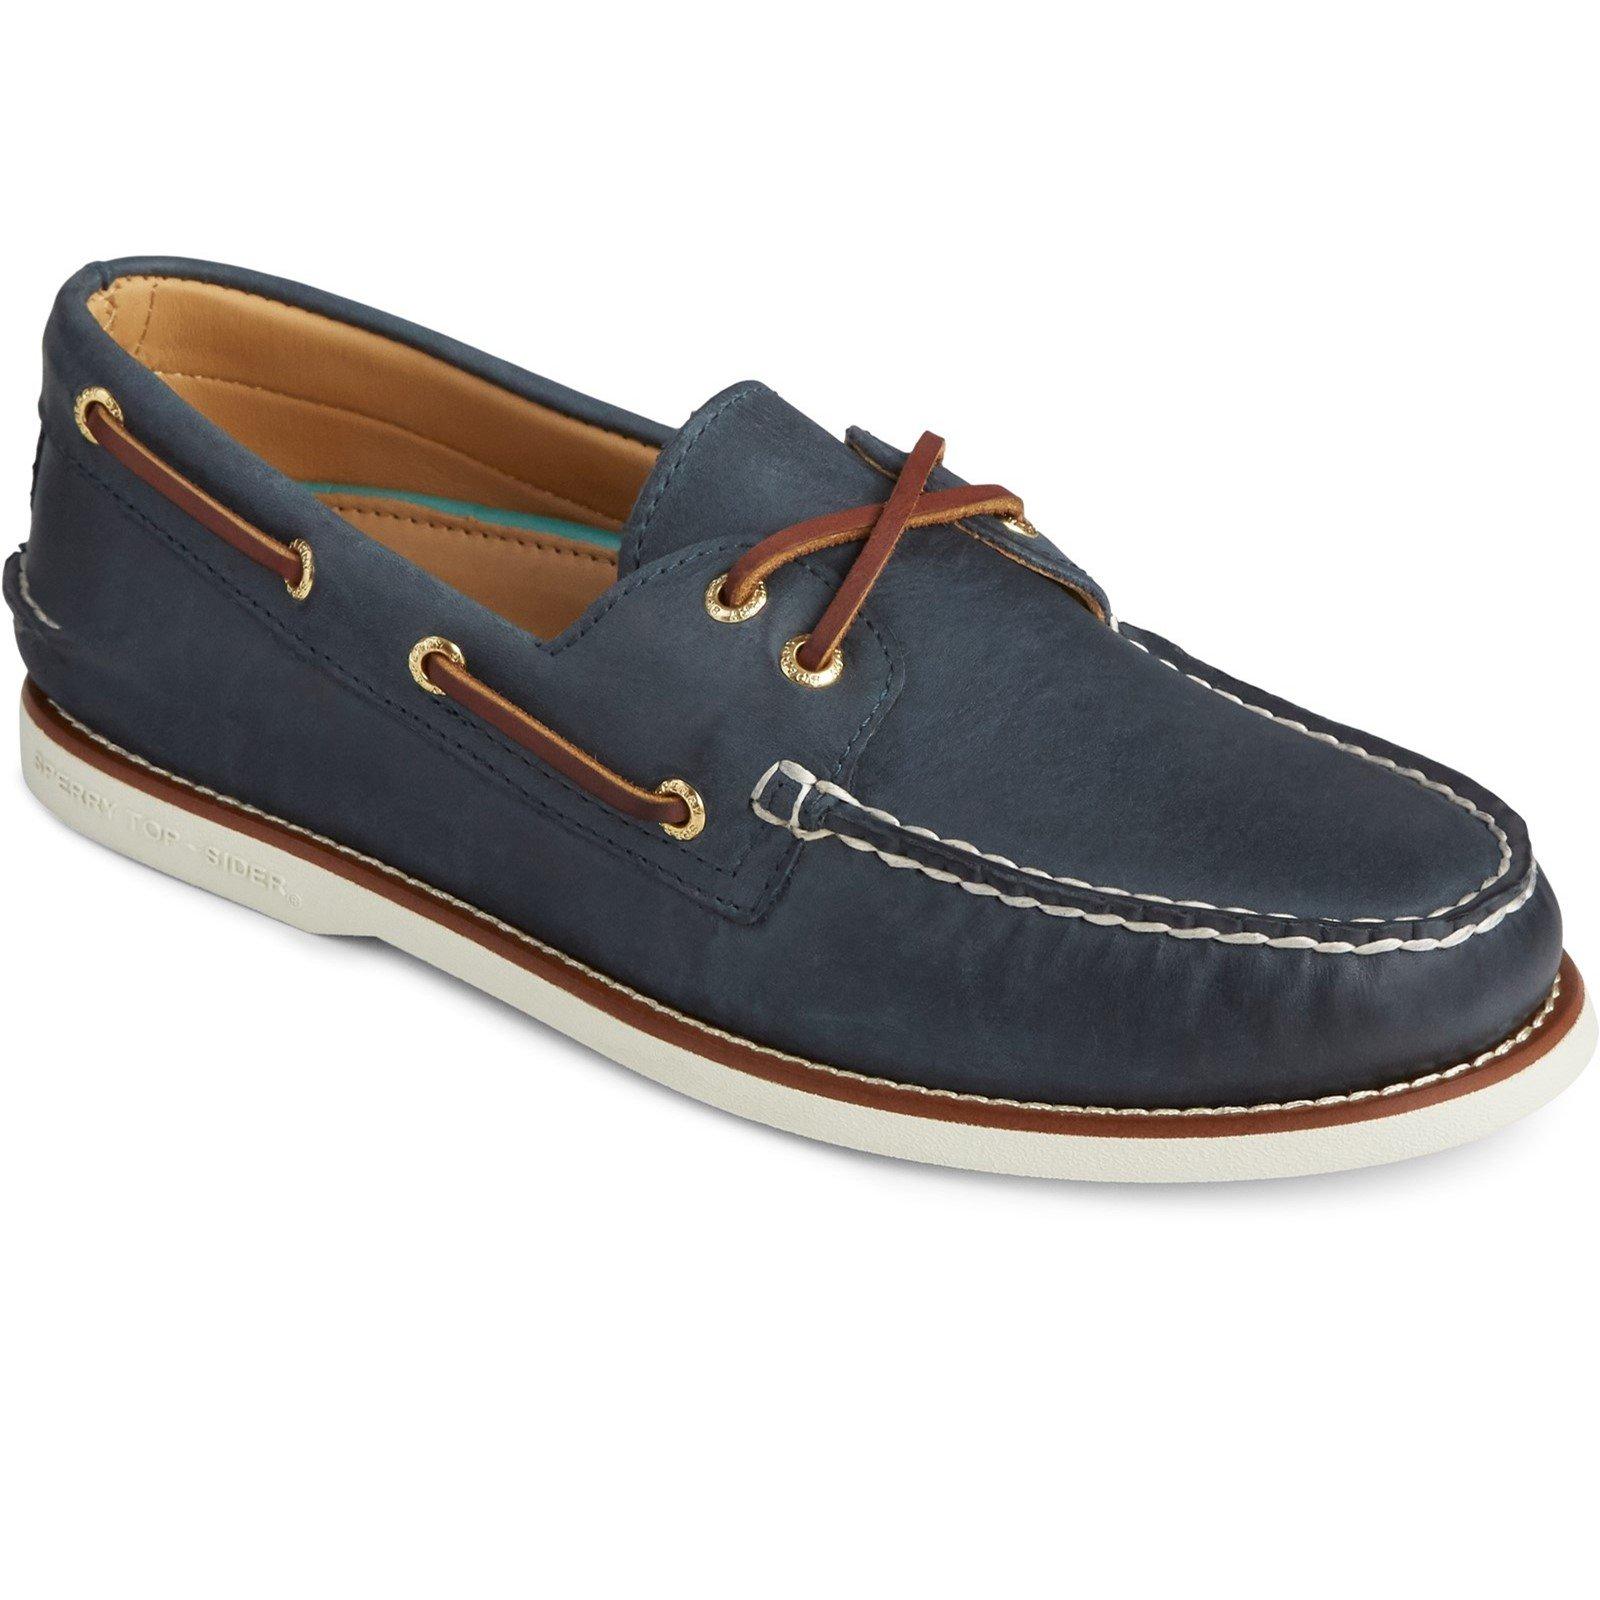 Sperry Men's Cup Authentic Original Boat Shoe Various Colours 31735 - Navy 9